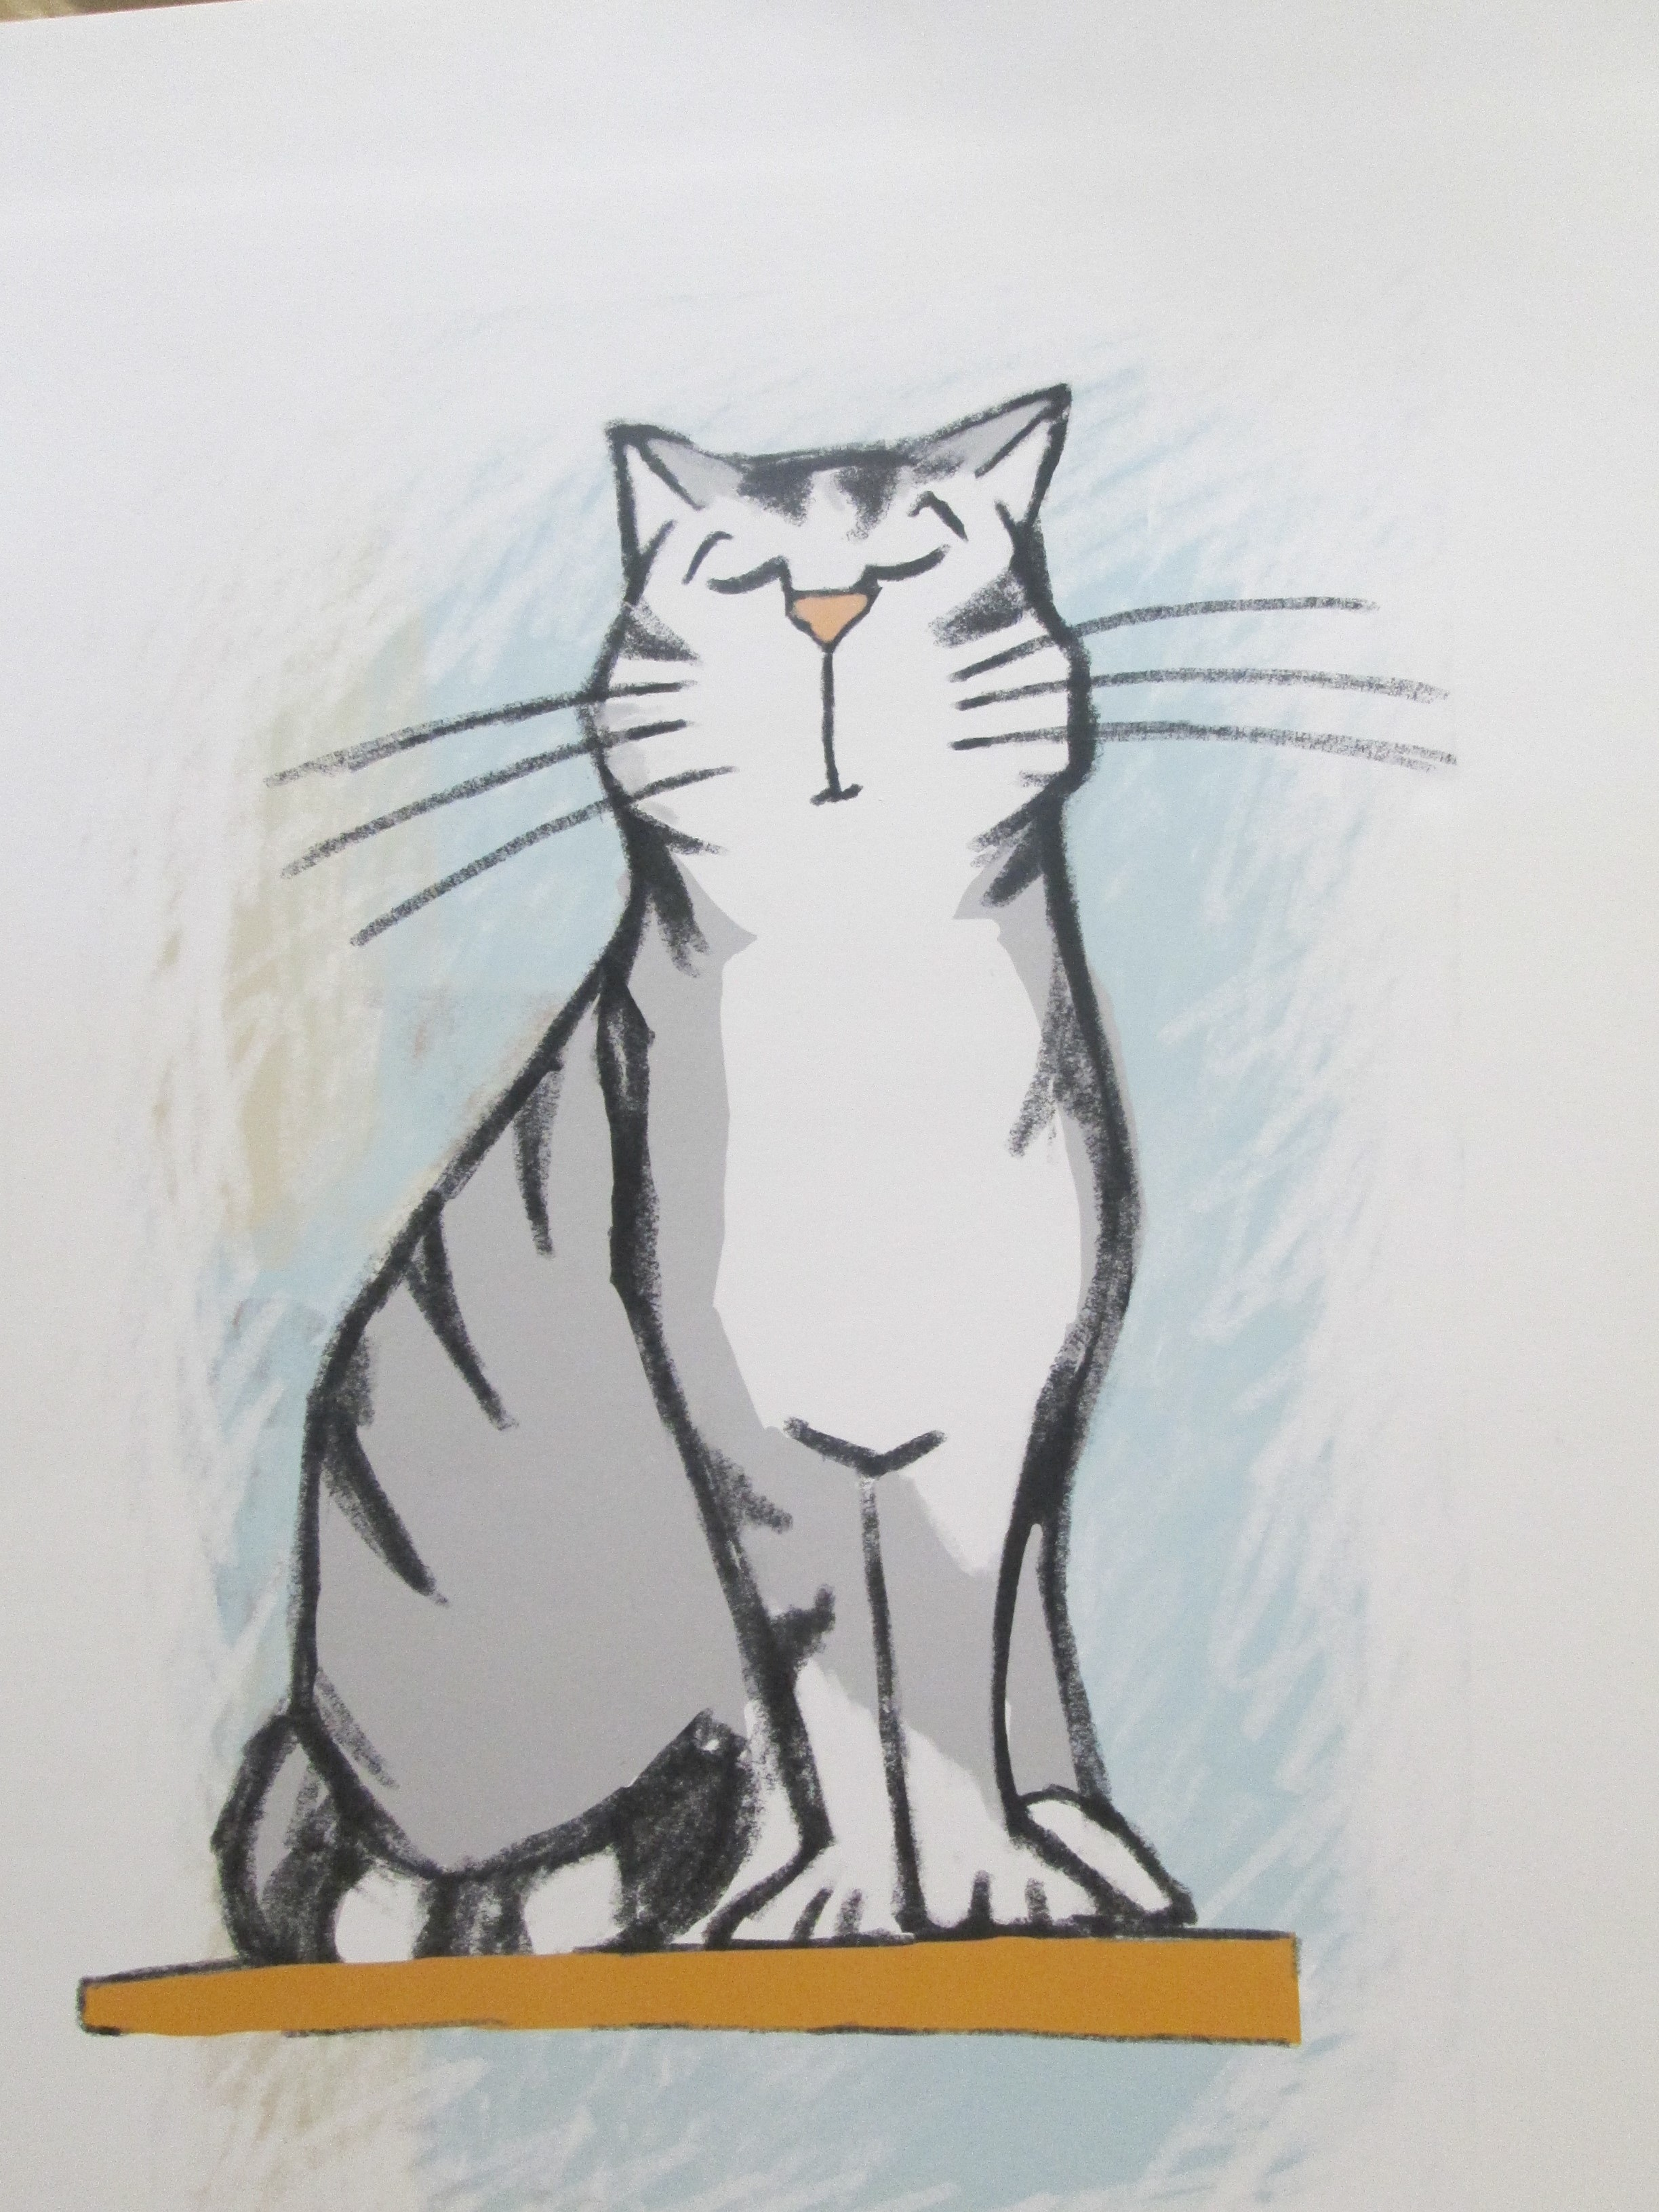 Zeichnung einer sitzenden Katze